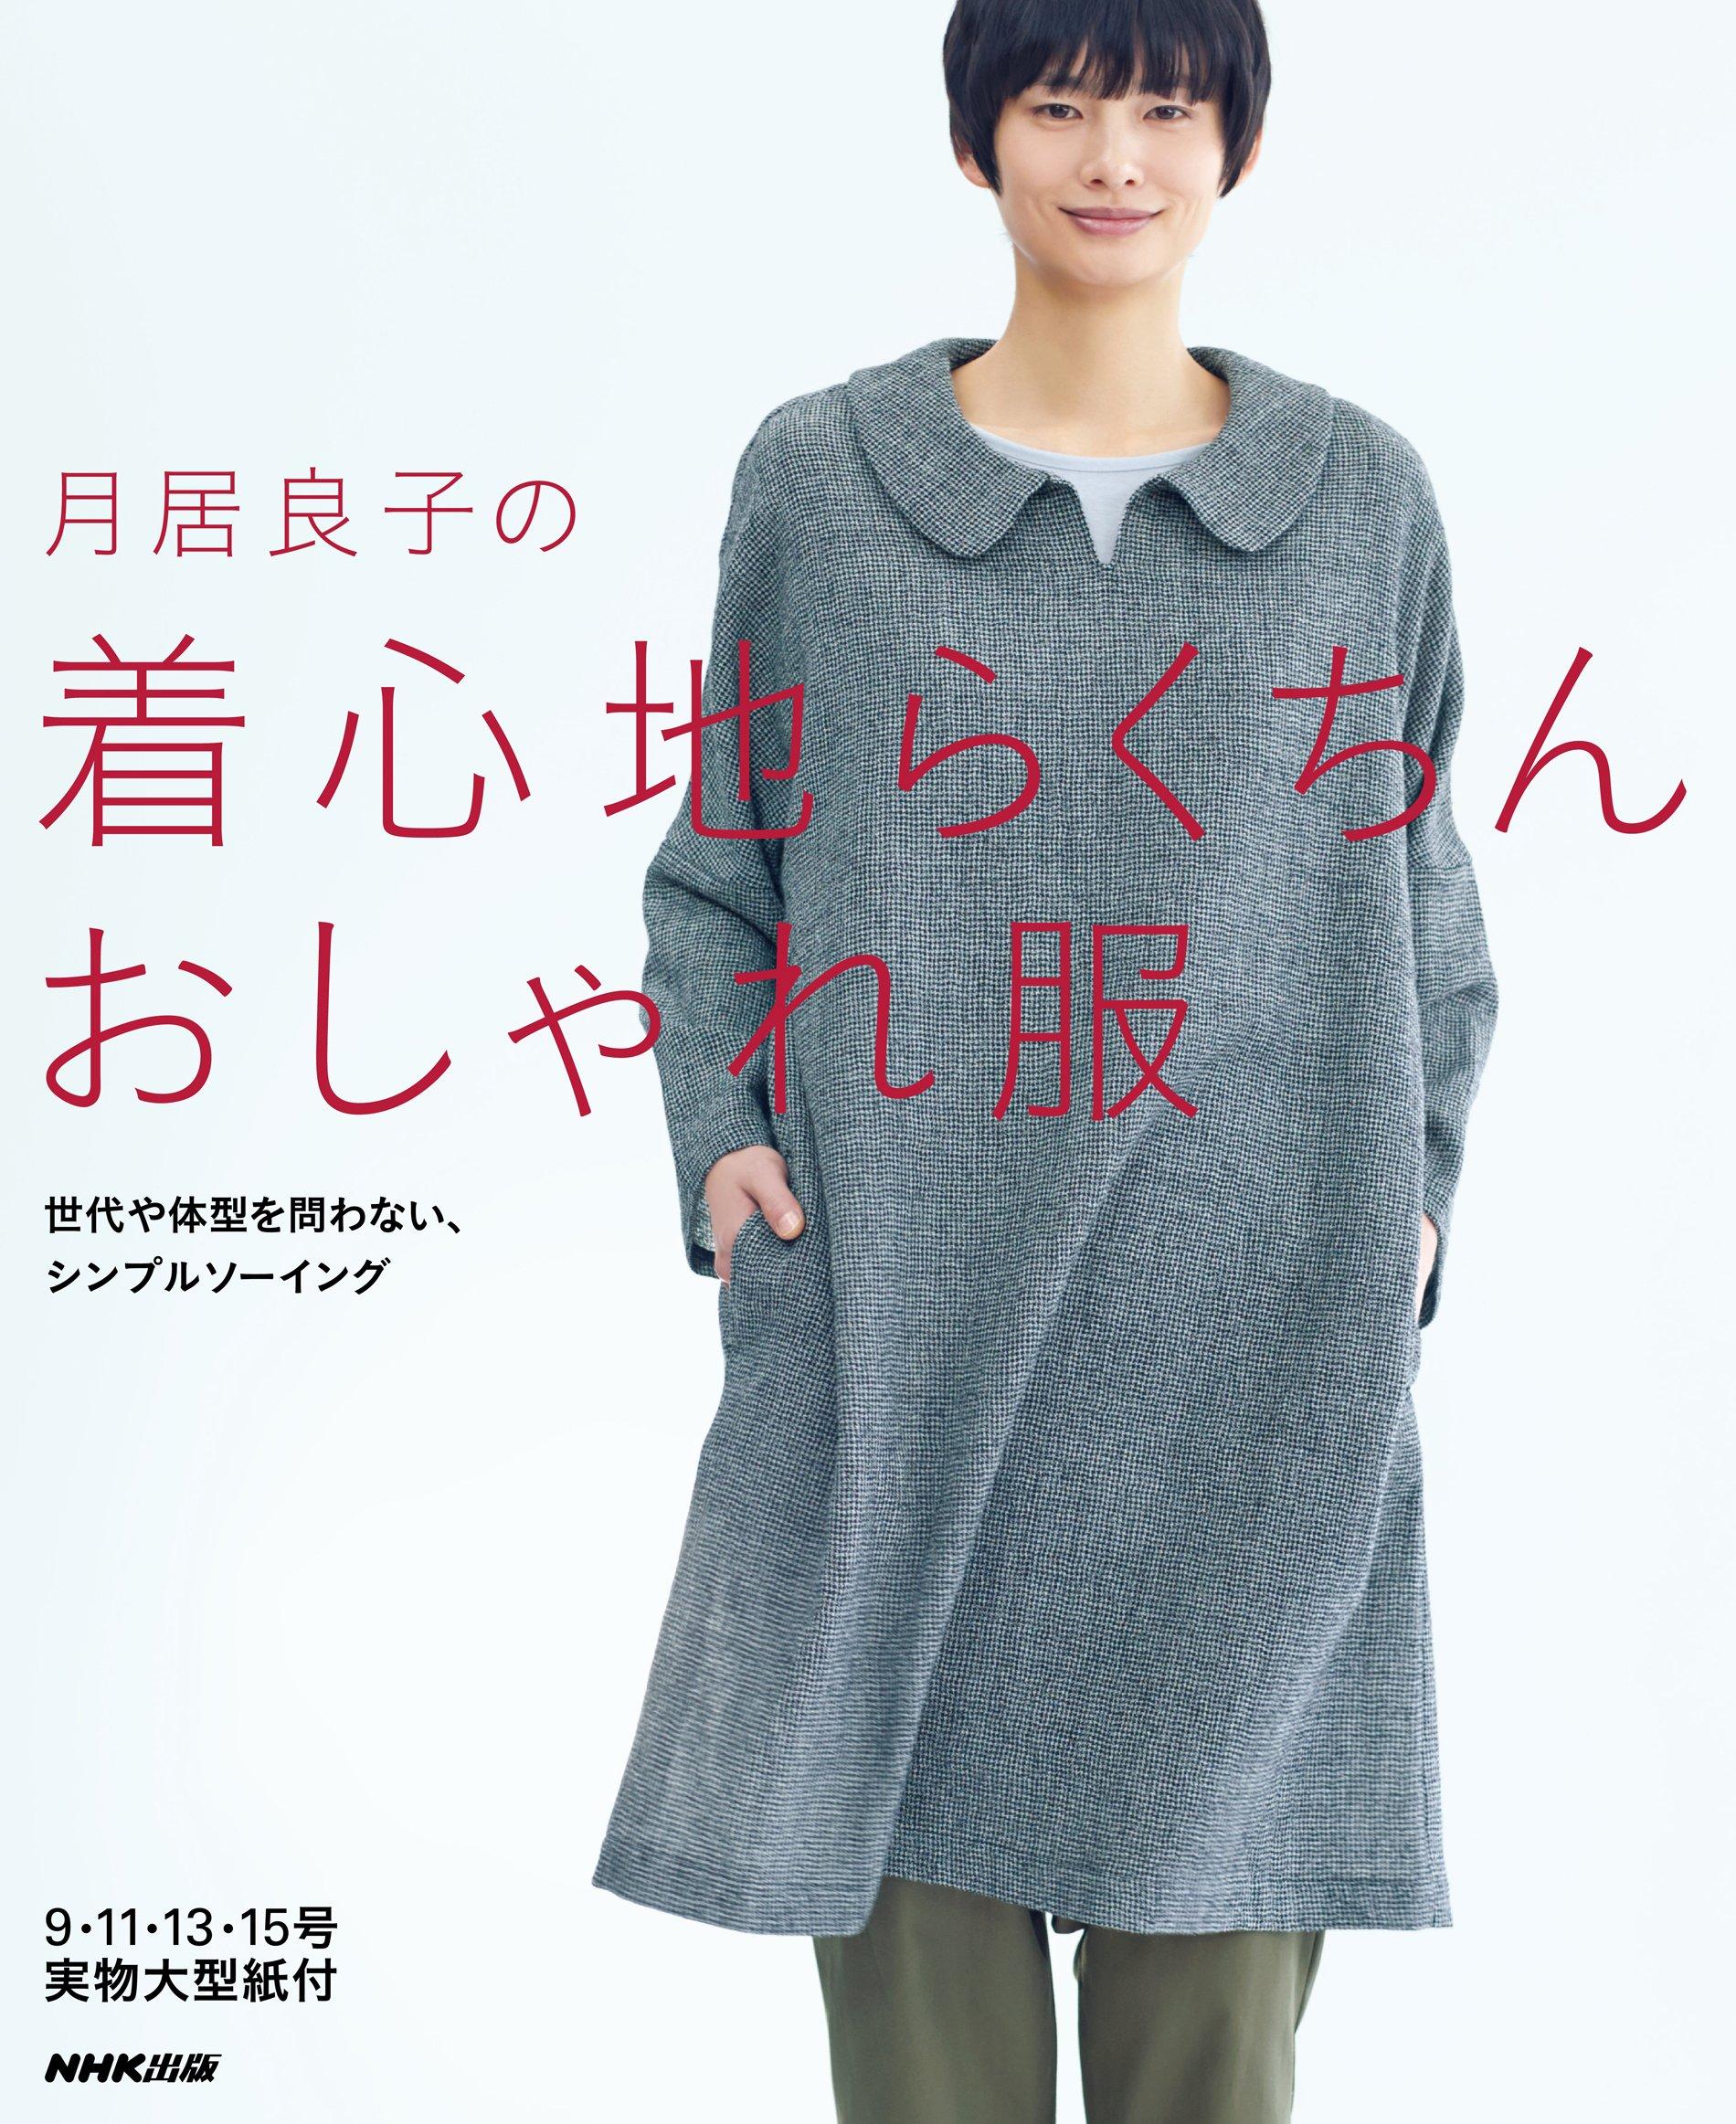 Tsukikyo Yoshiko Comfortable Fashionable Clothes Book